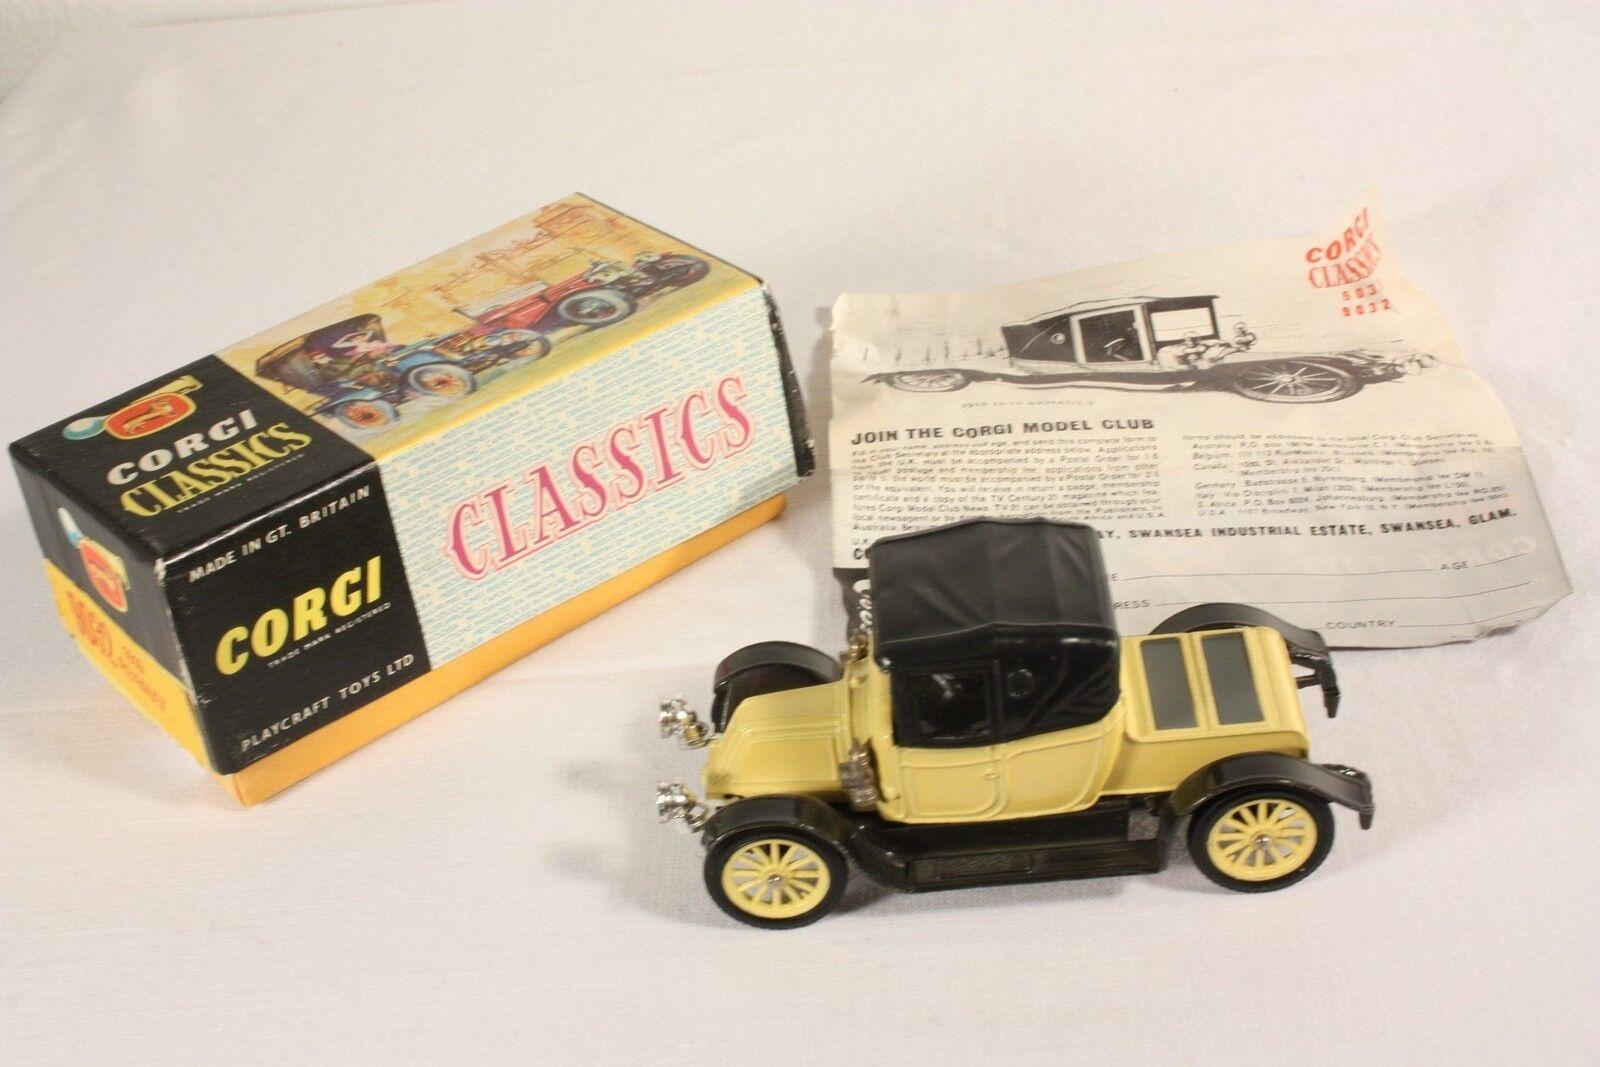 CORGI TOYS 9032, Renault 1910, Comme neuf in box  ab556